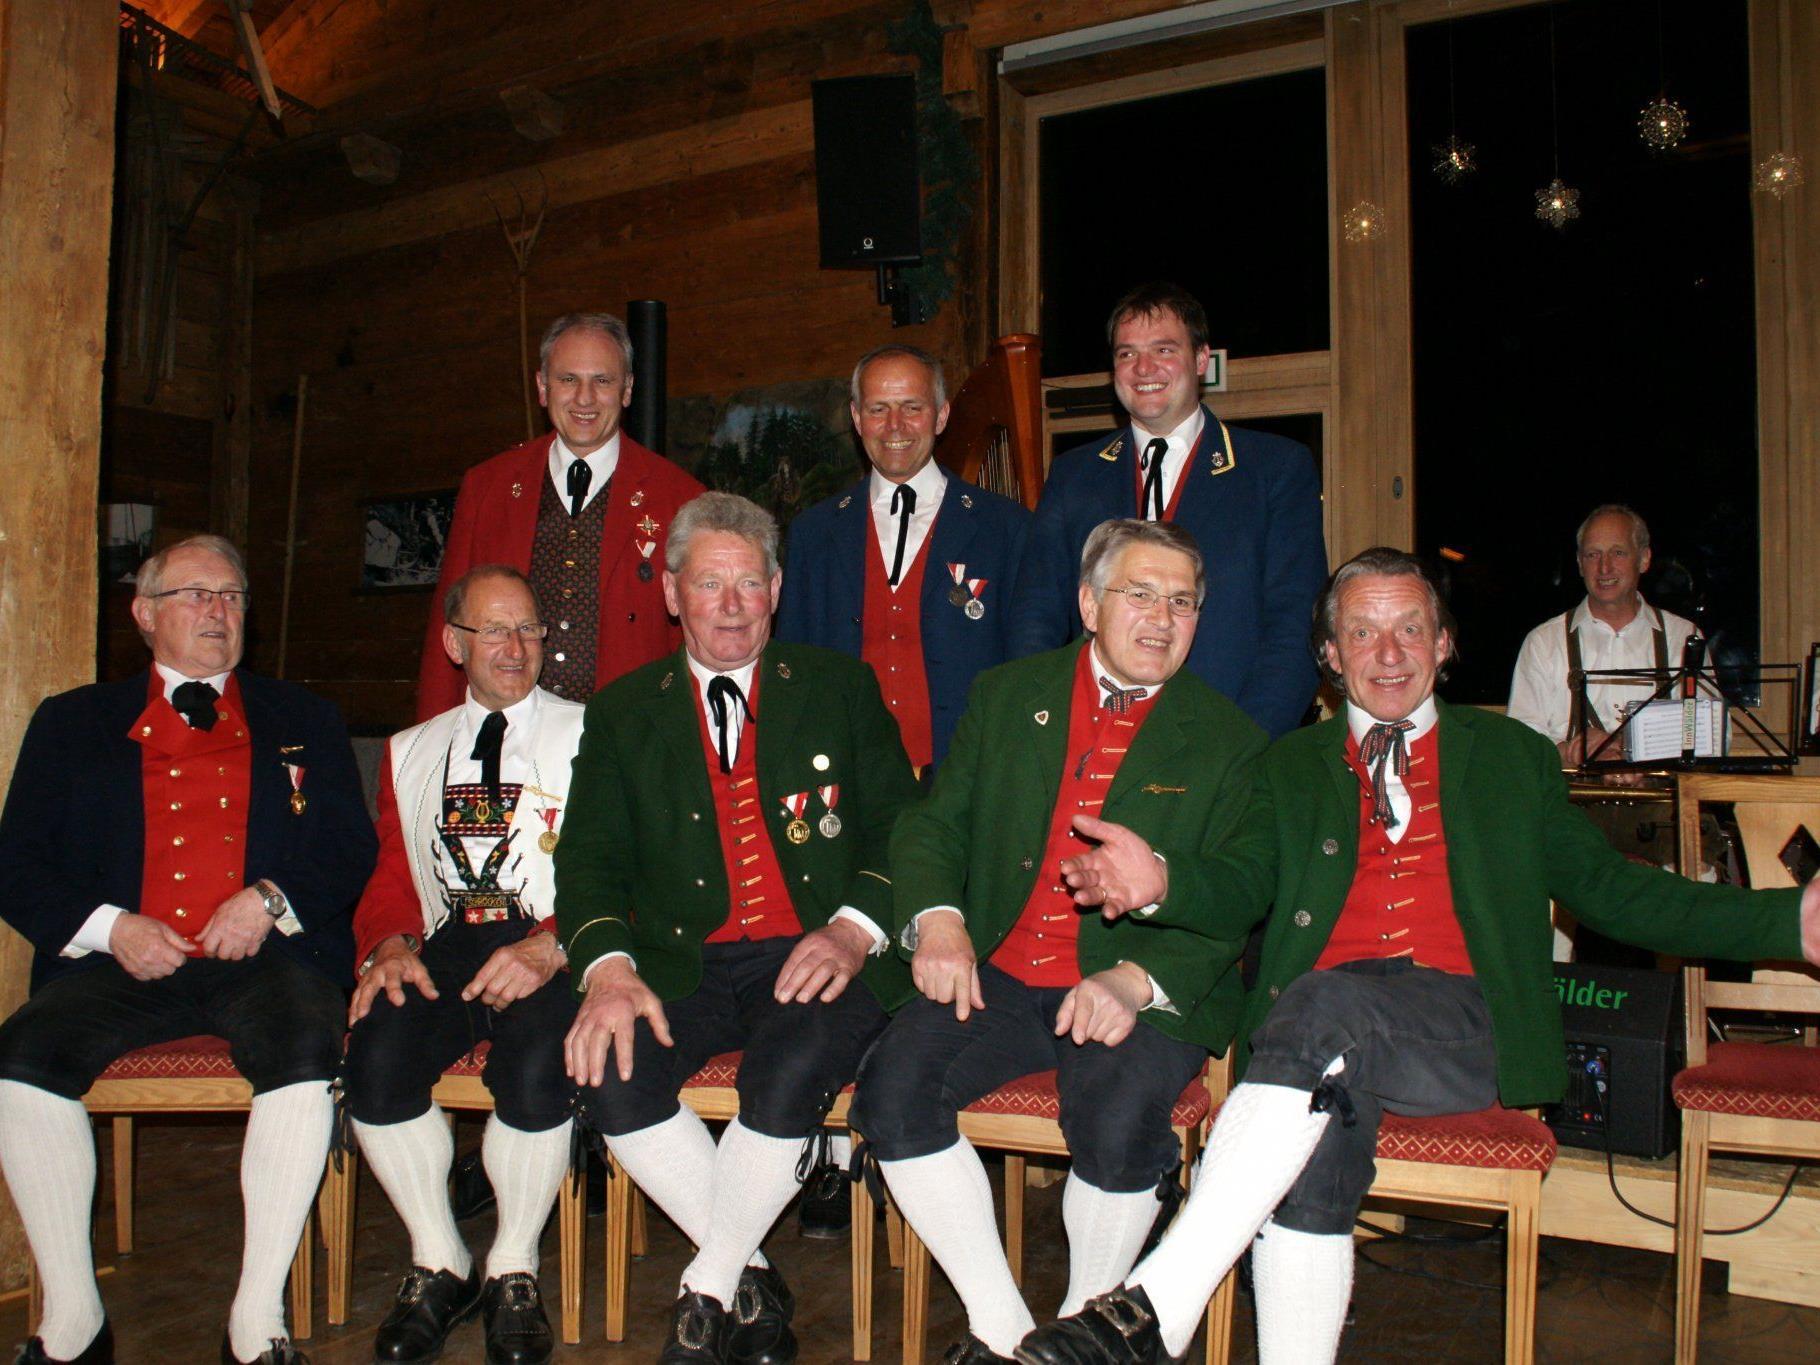 Die stolzen Jubilare der Bregenzerwälder Musikvereine.